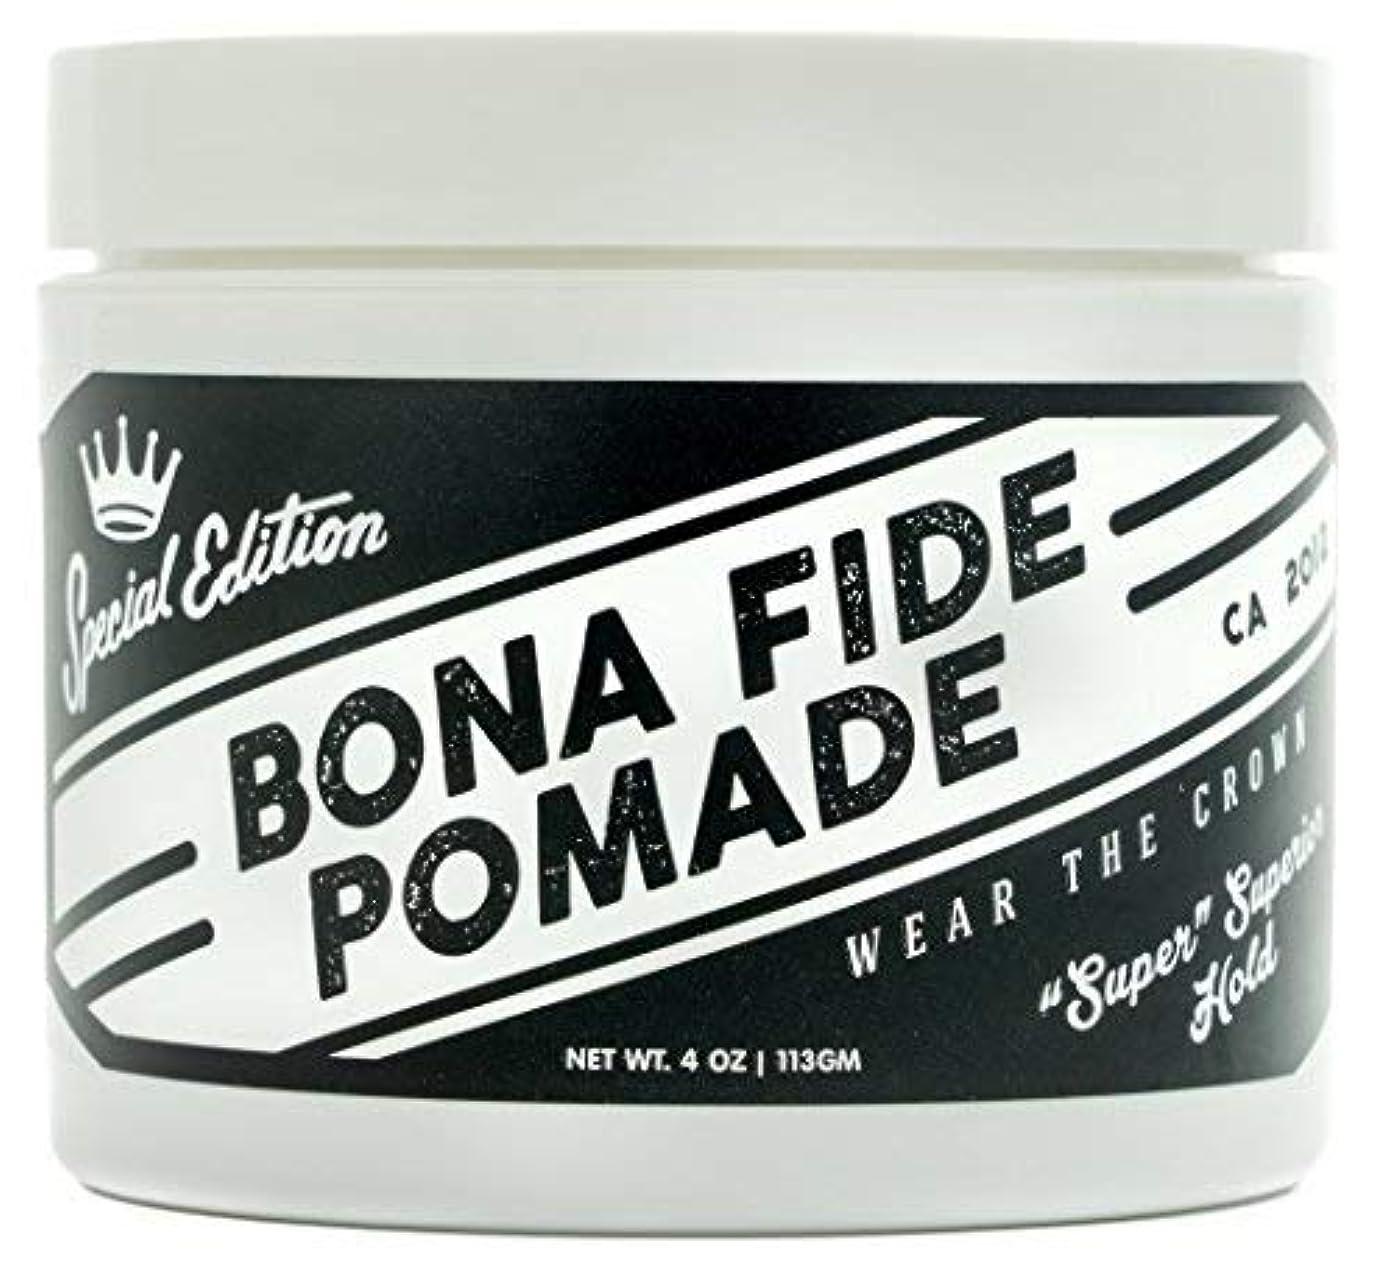 ネックレット細胞モールBona Fide Pomade, スーパースーペリアホールドSE, 4OZ (113g)、水性ポマード/ヘアー グリース (整髪料)